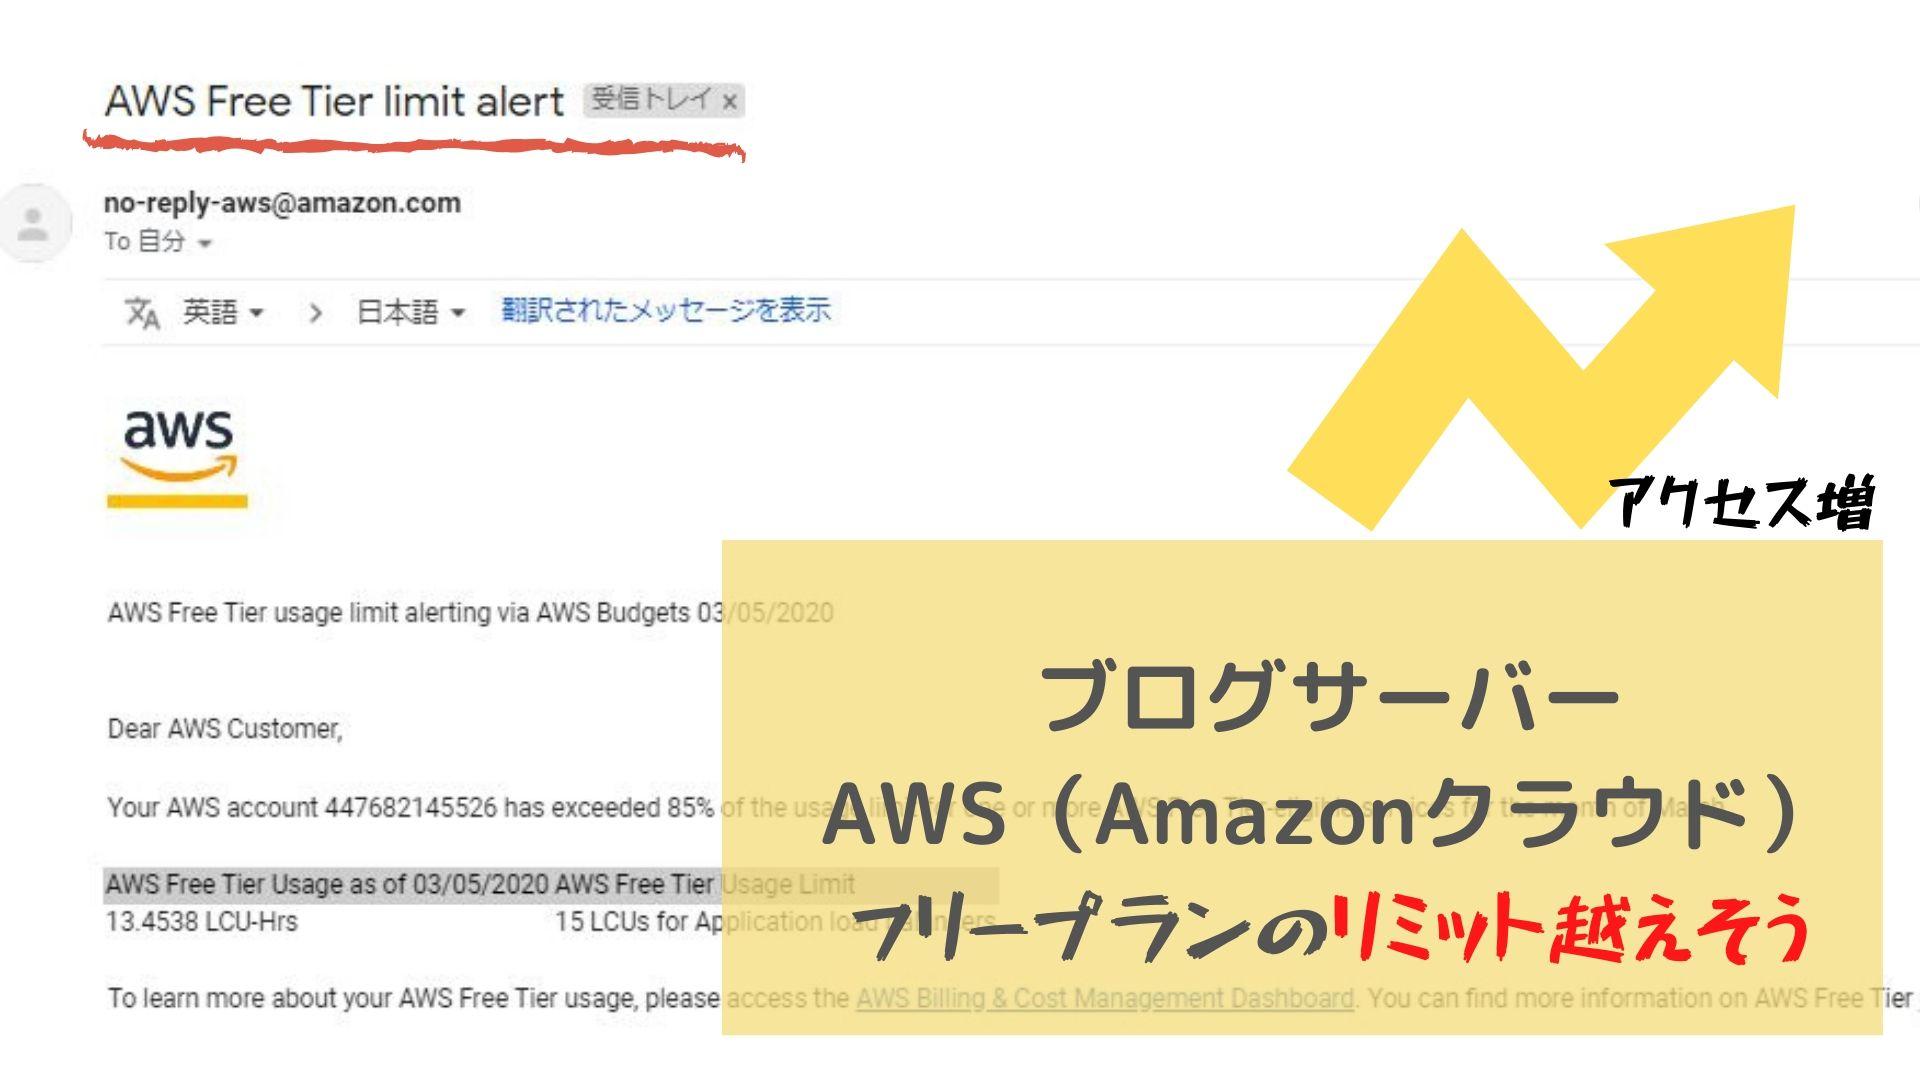 AmazonクラウドLIMIT警告